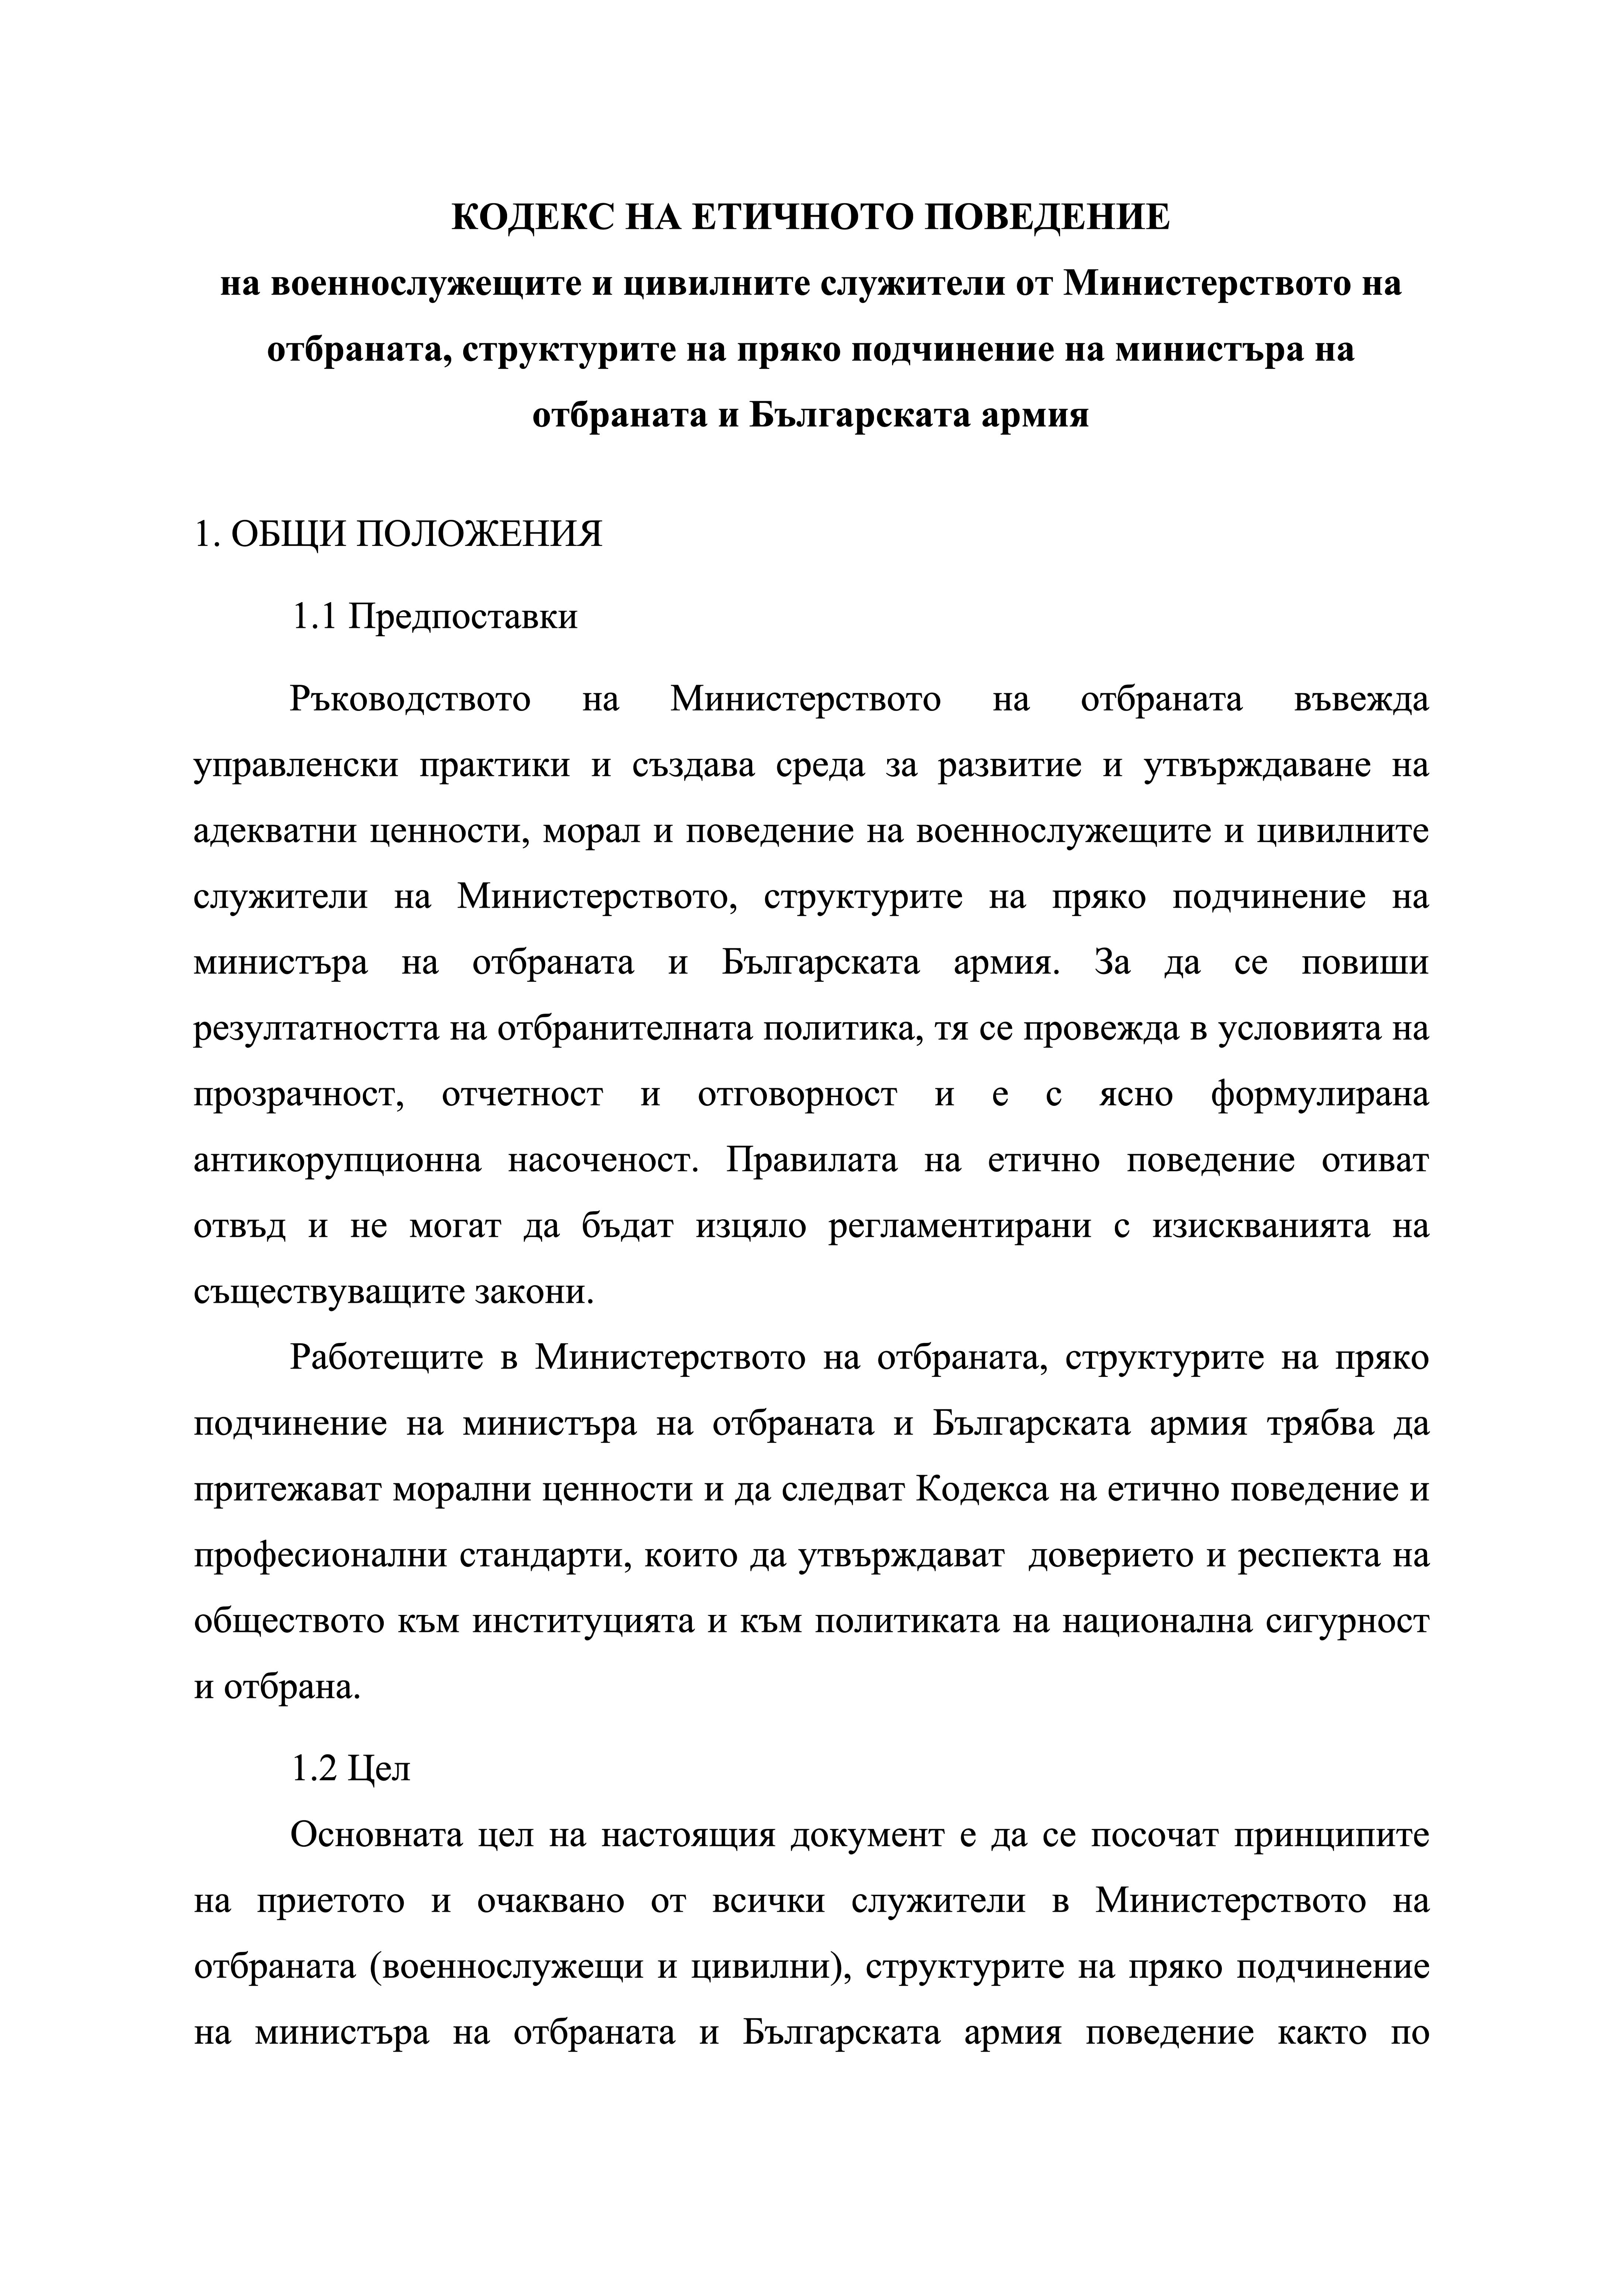 kodeks_etichno_povedenie_001